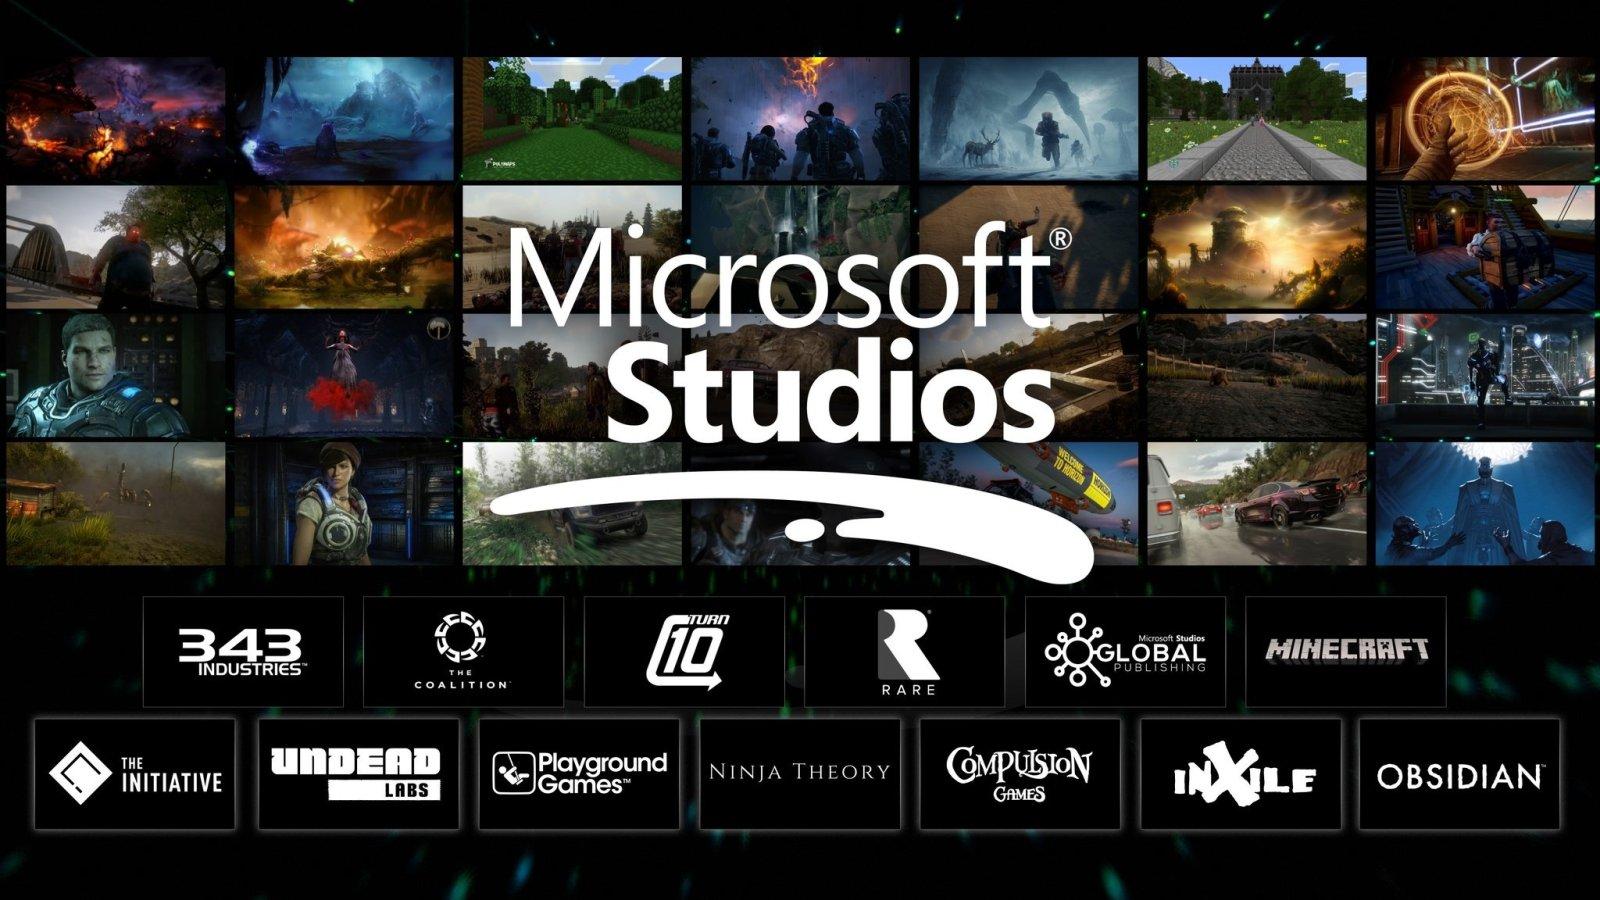 微软XBOX宣布收购Obsidian和Inxile两家工作室